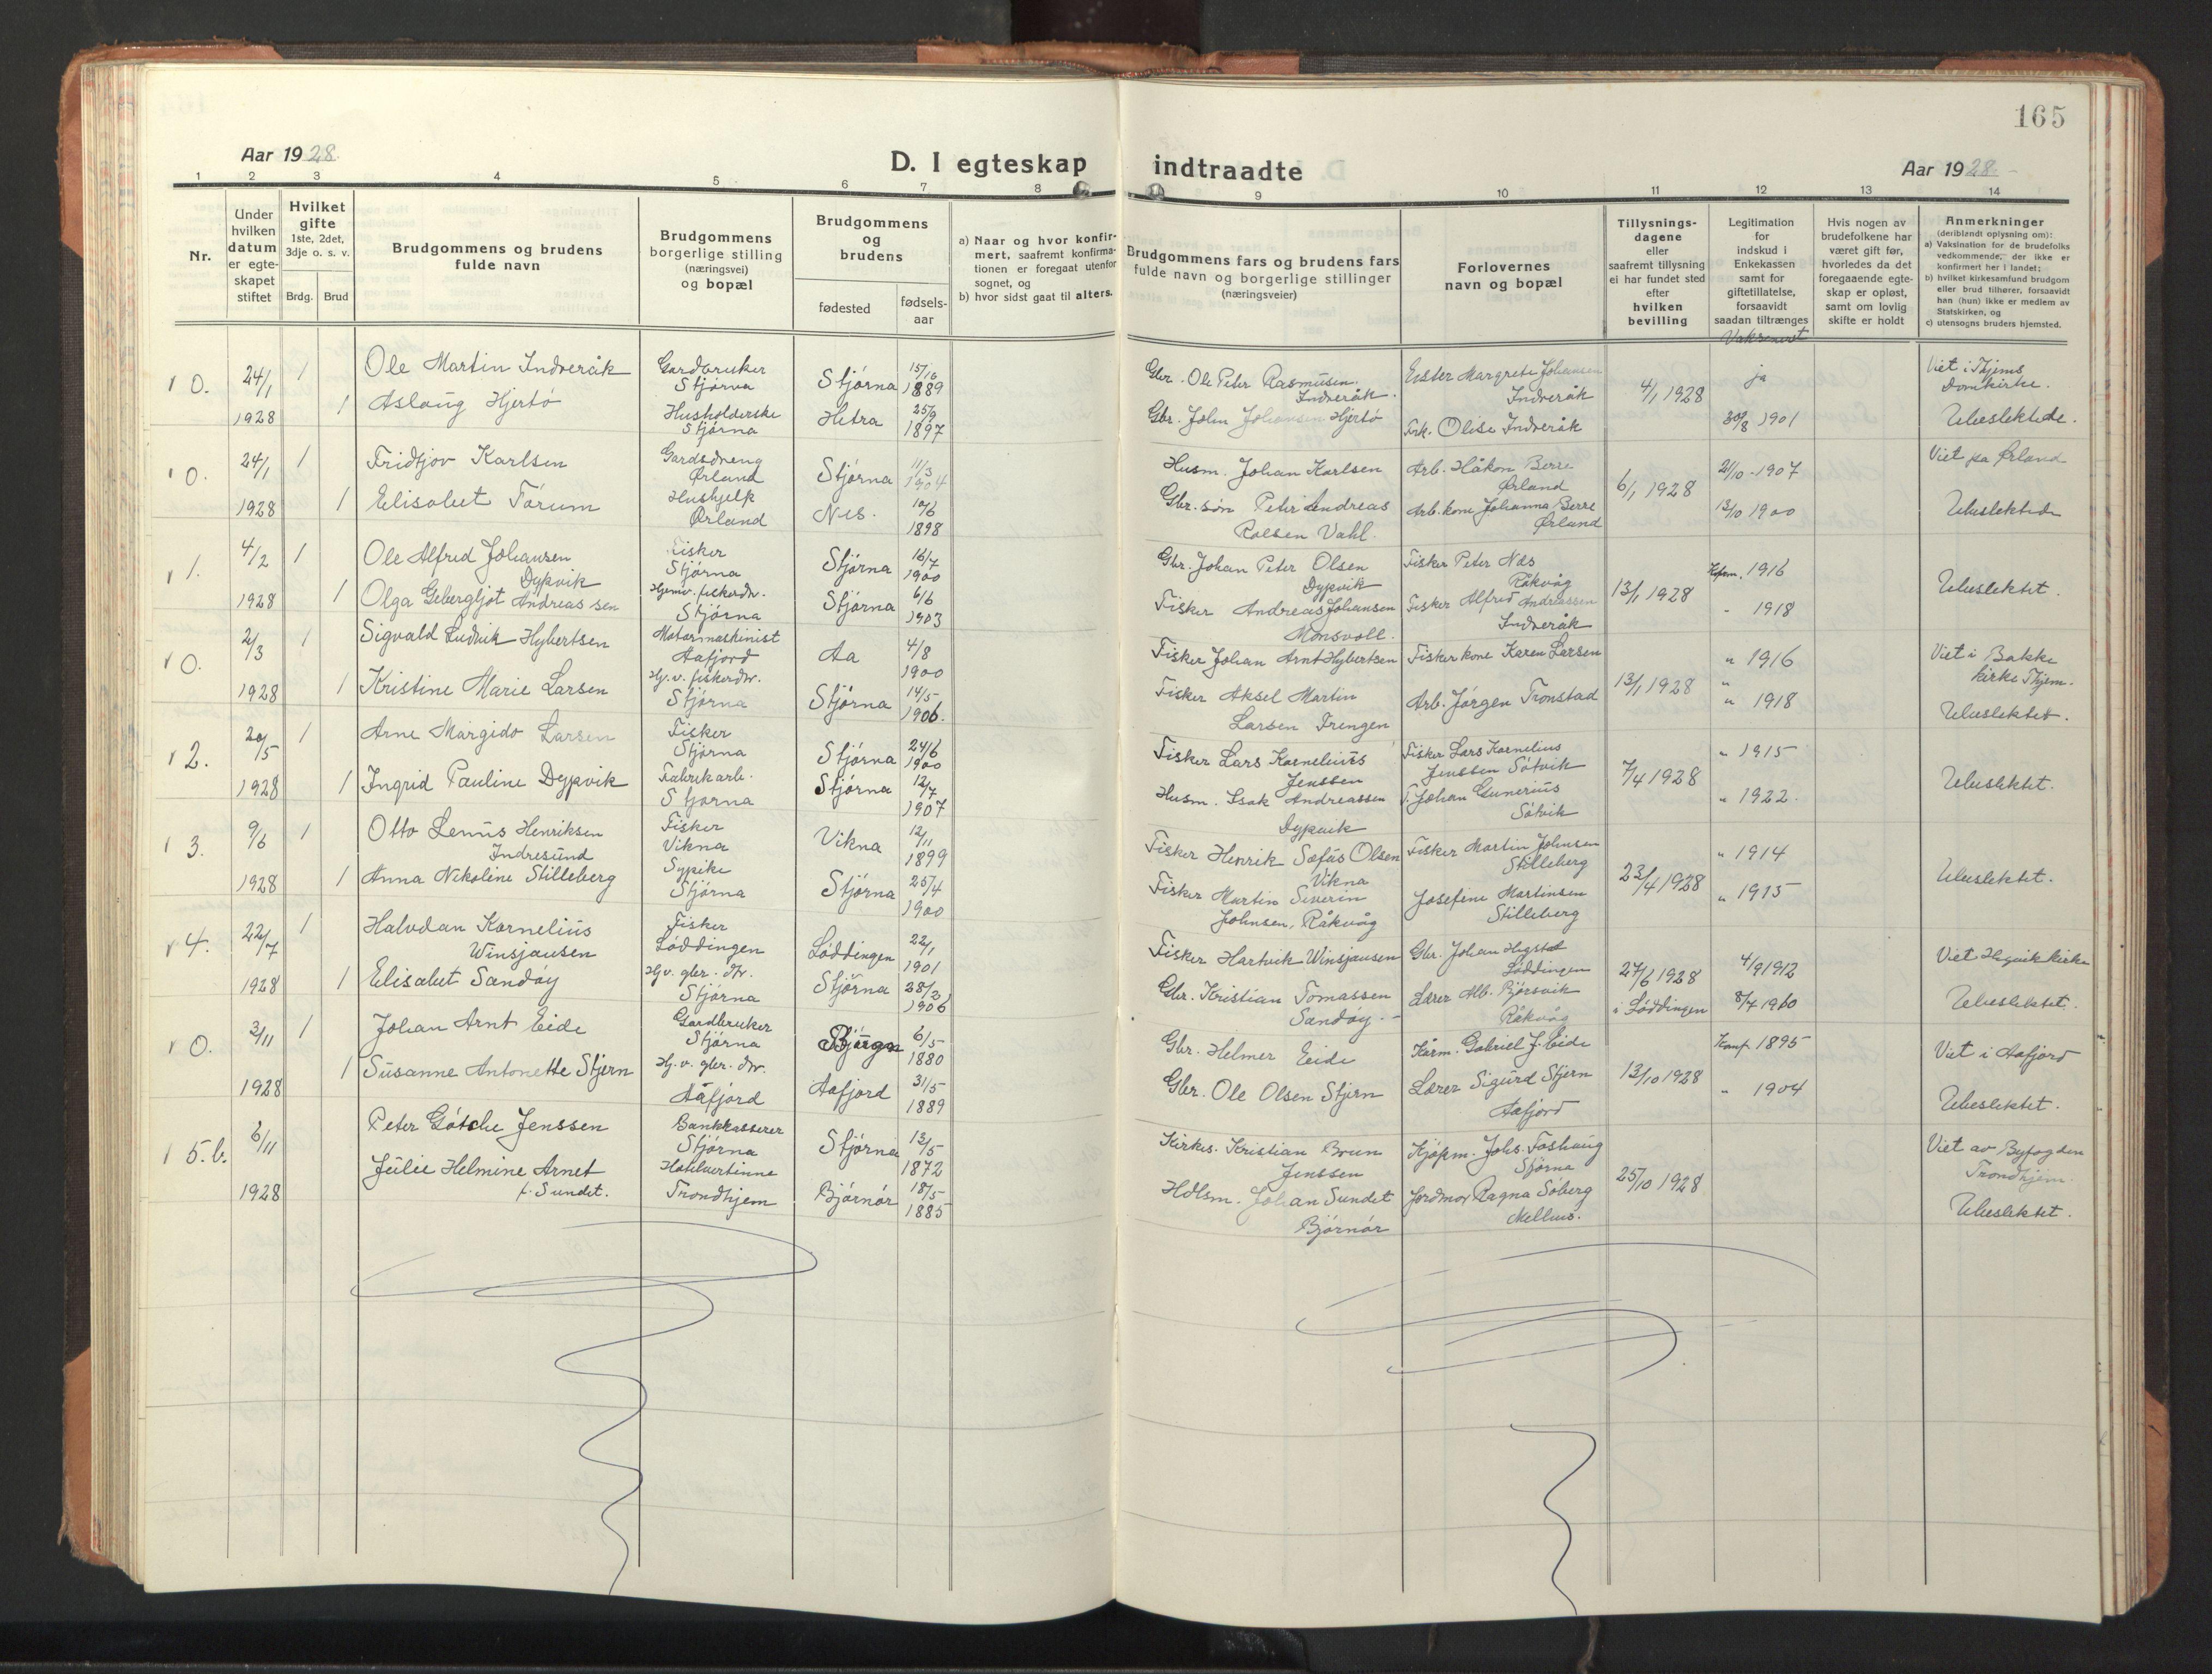 SAT, Ministerialprotokoller, klokkerbøker og fødselsregistre - Sør-Trøndelag, 653/L0658: Klokkerbok nr. 653C02, 1919-1947, s. 165